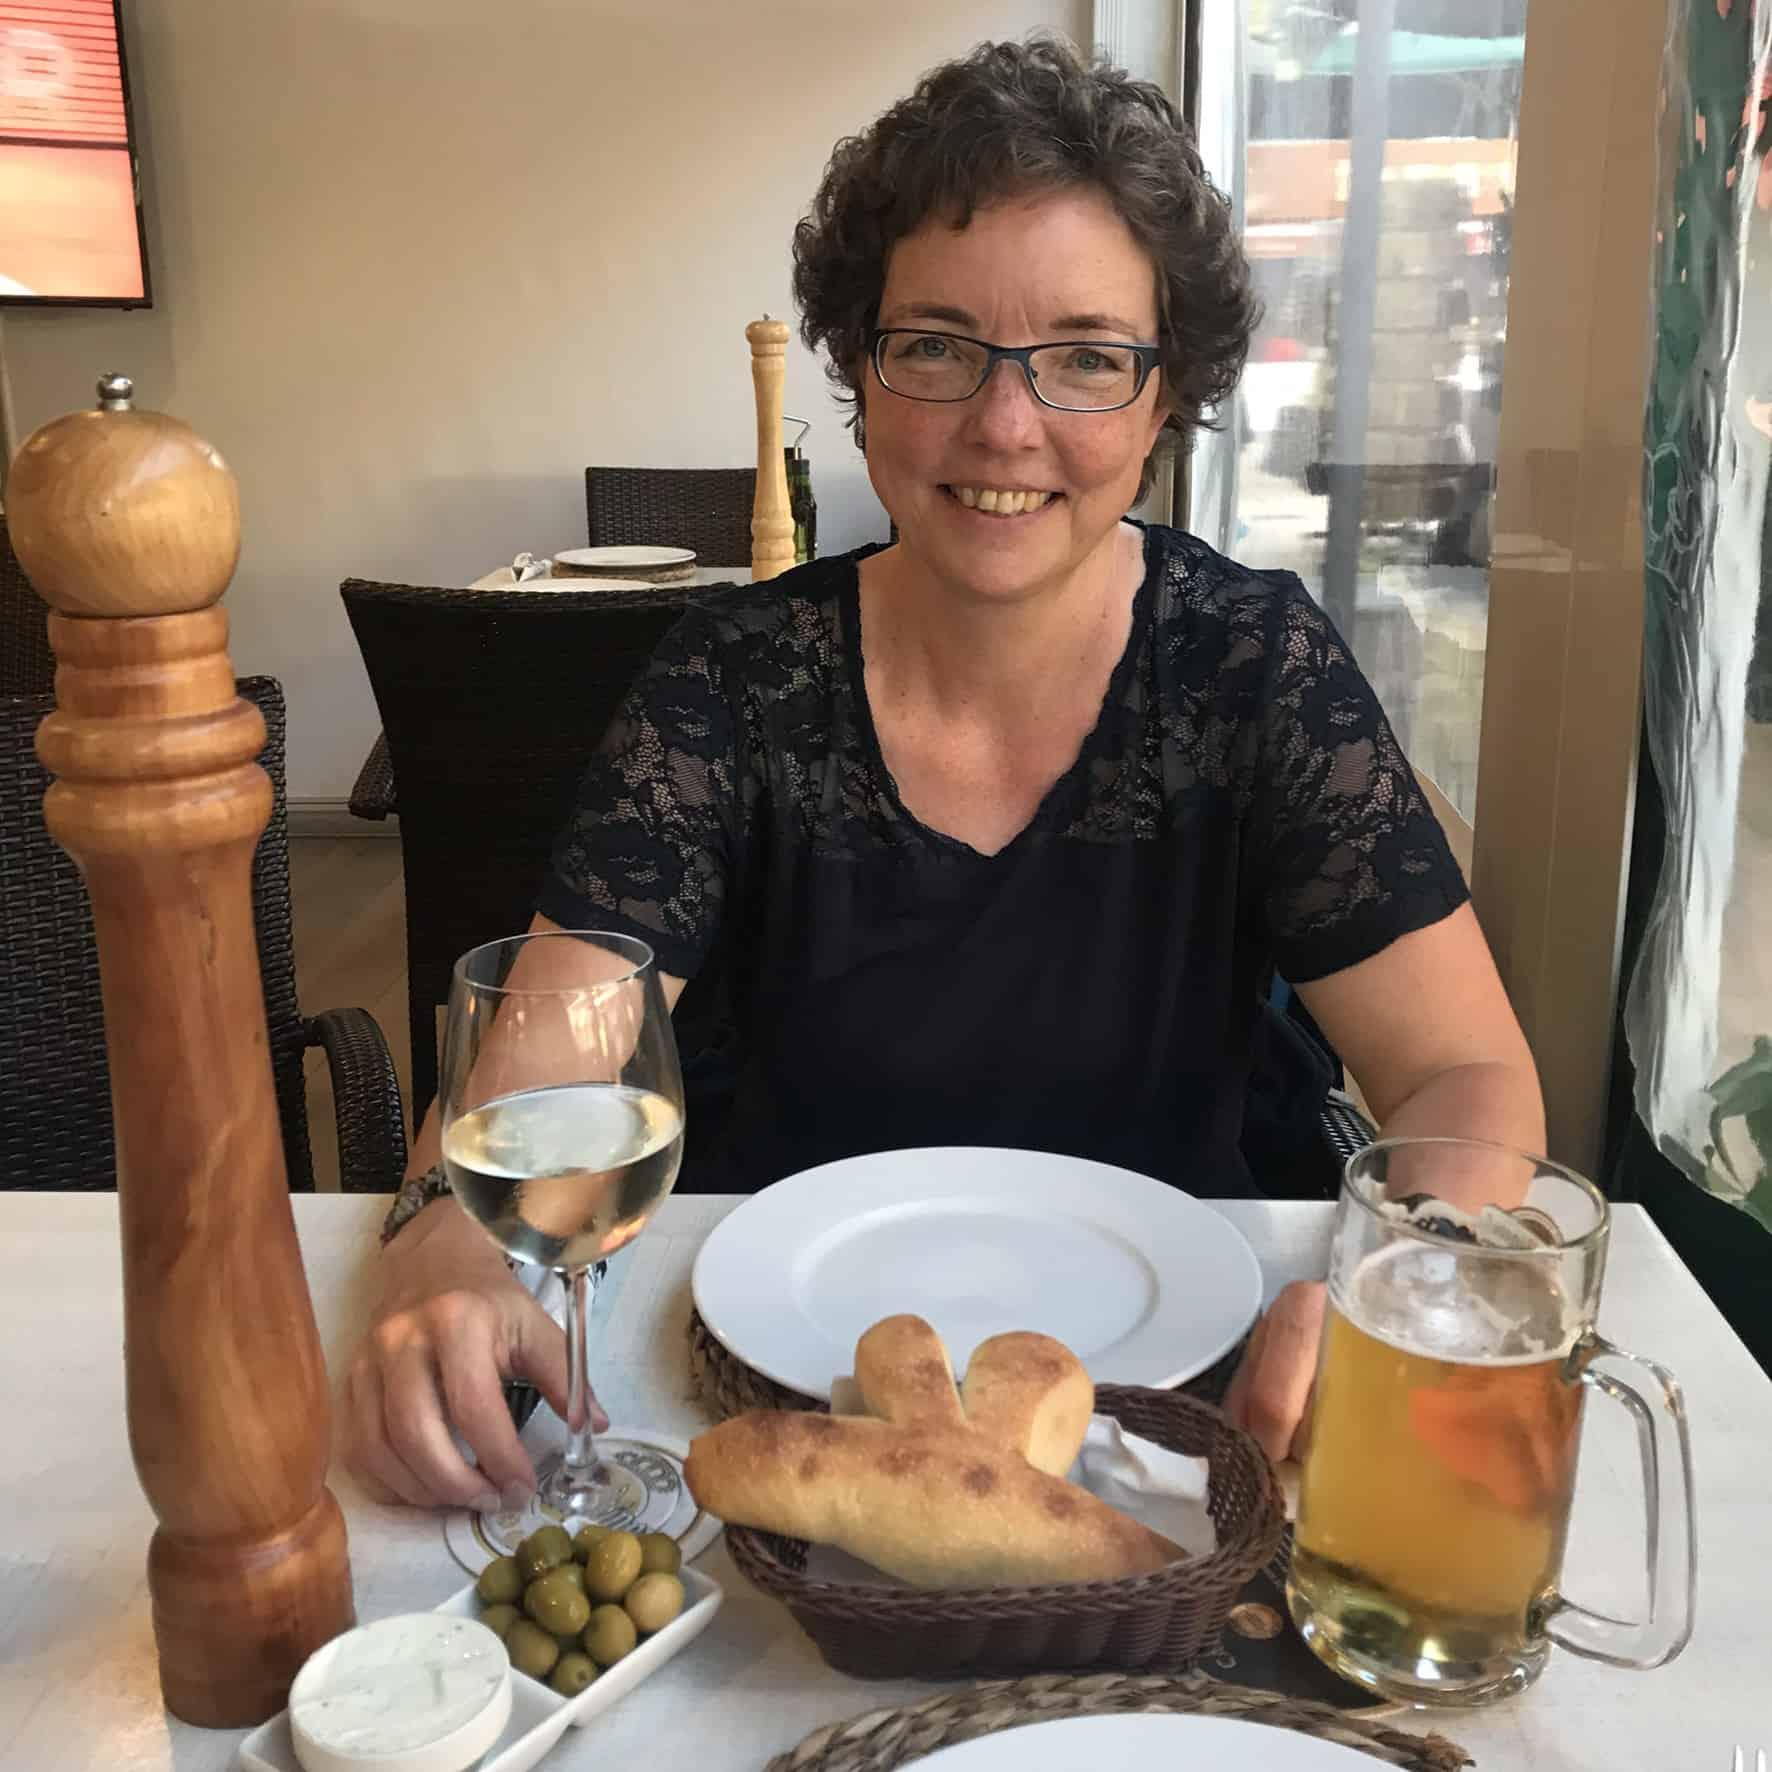 Søstjernebrød, oliven og tzatiki, mens vi venter på maden